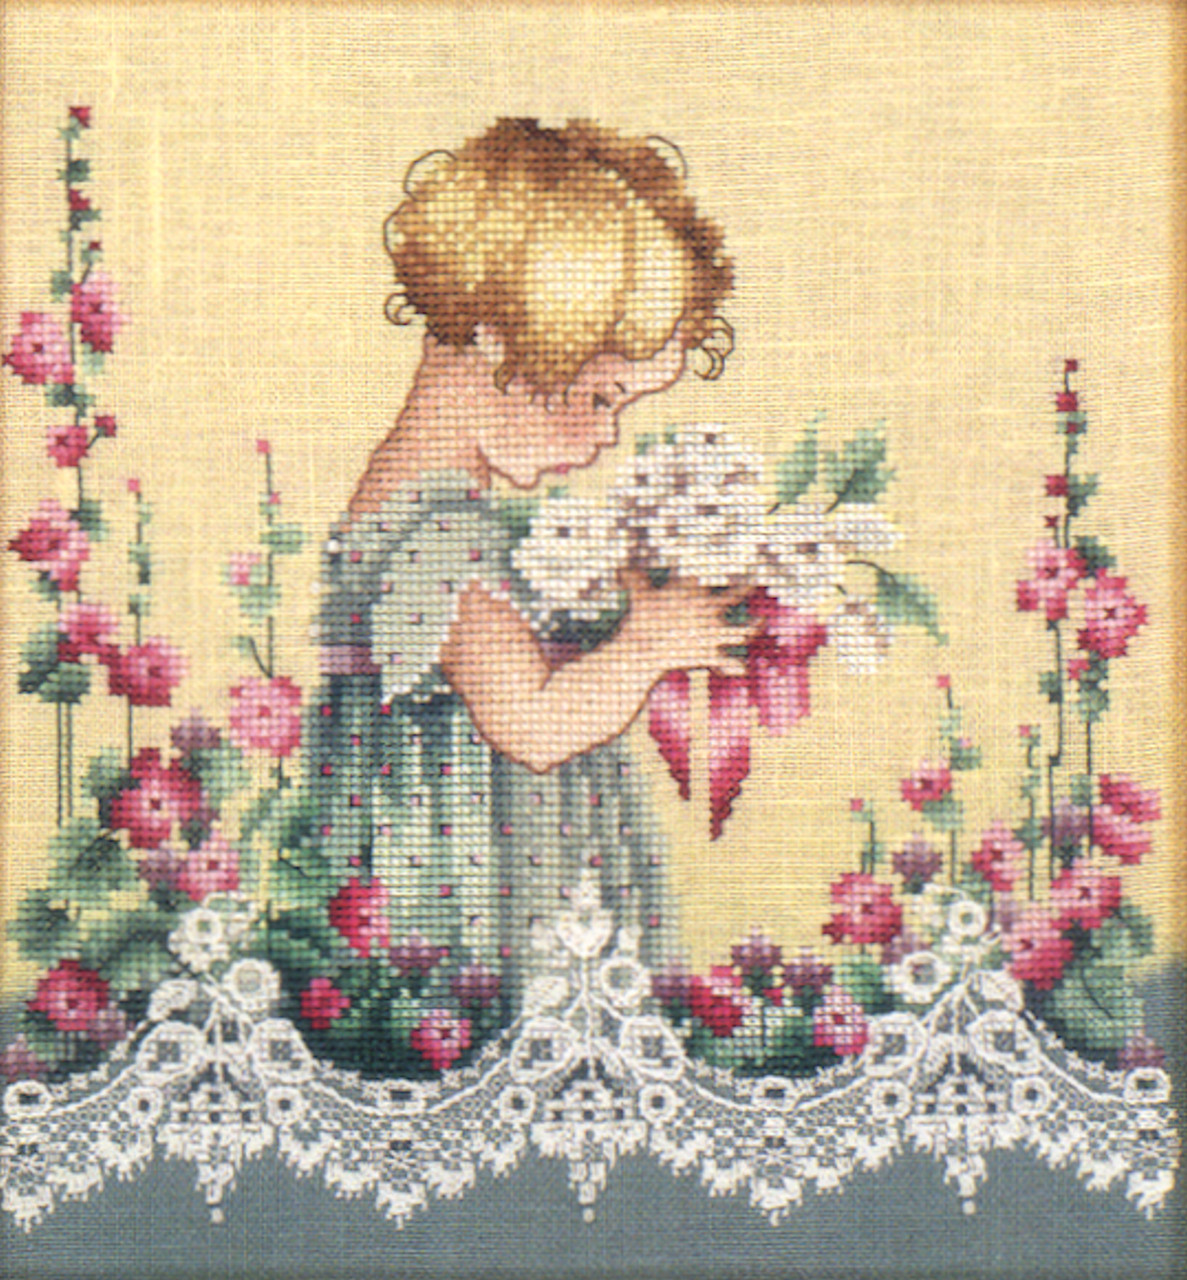 Lavender & Lace - Emma's Garden